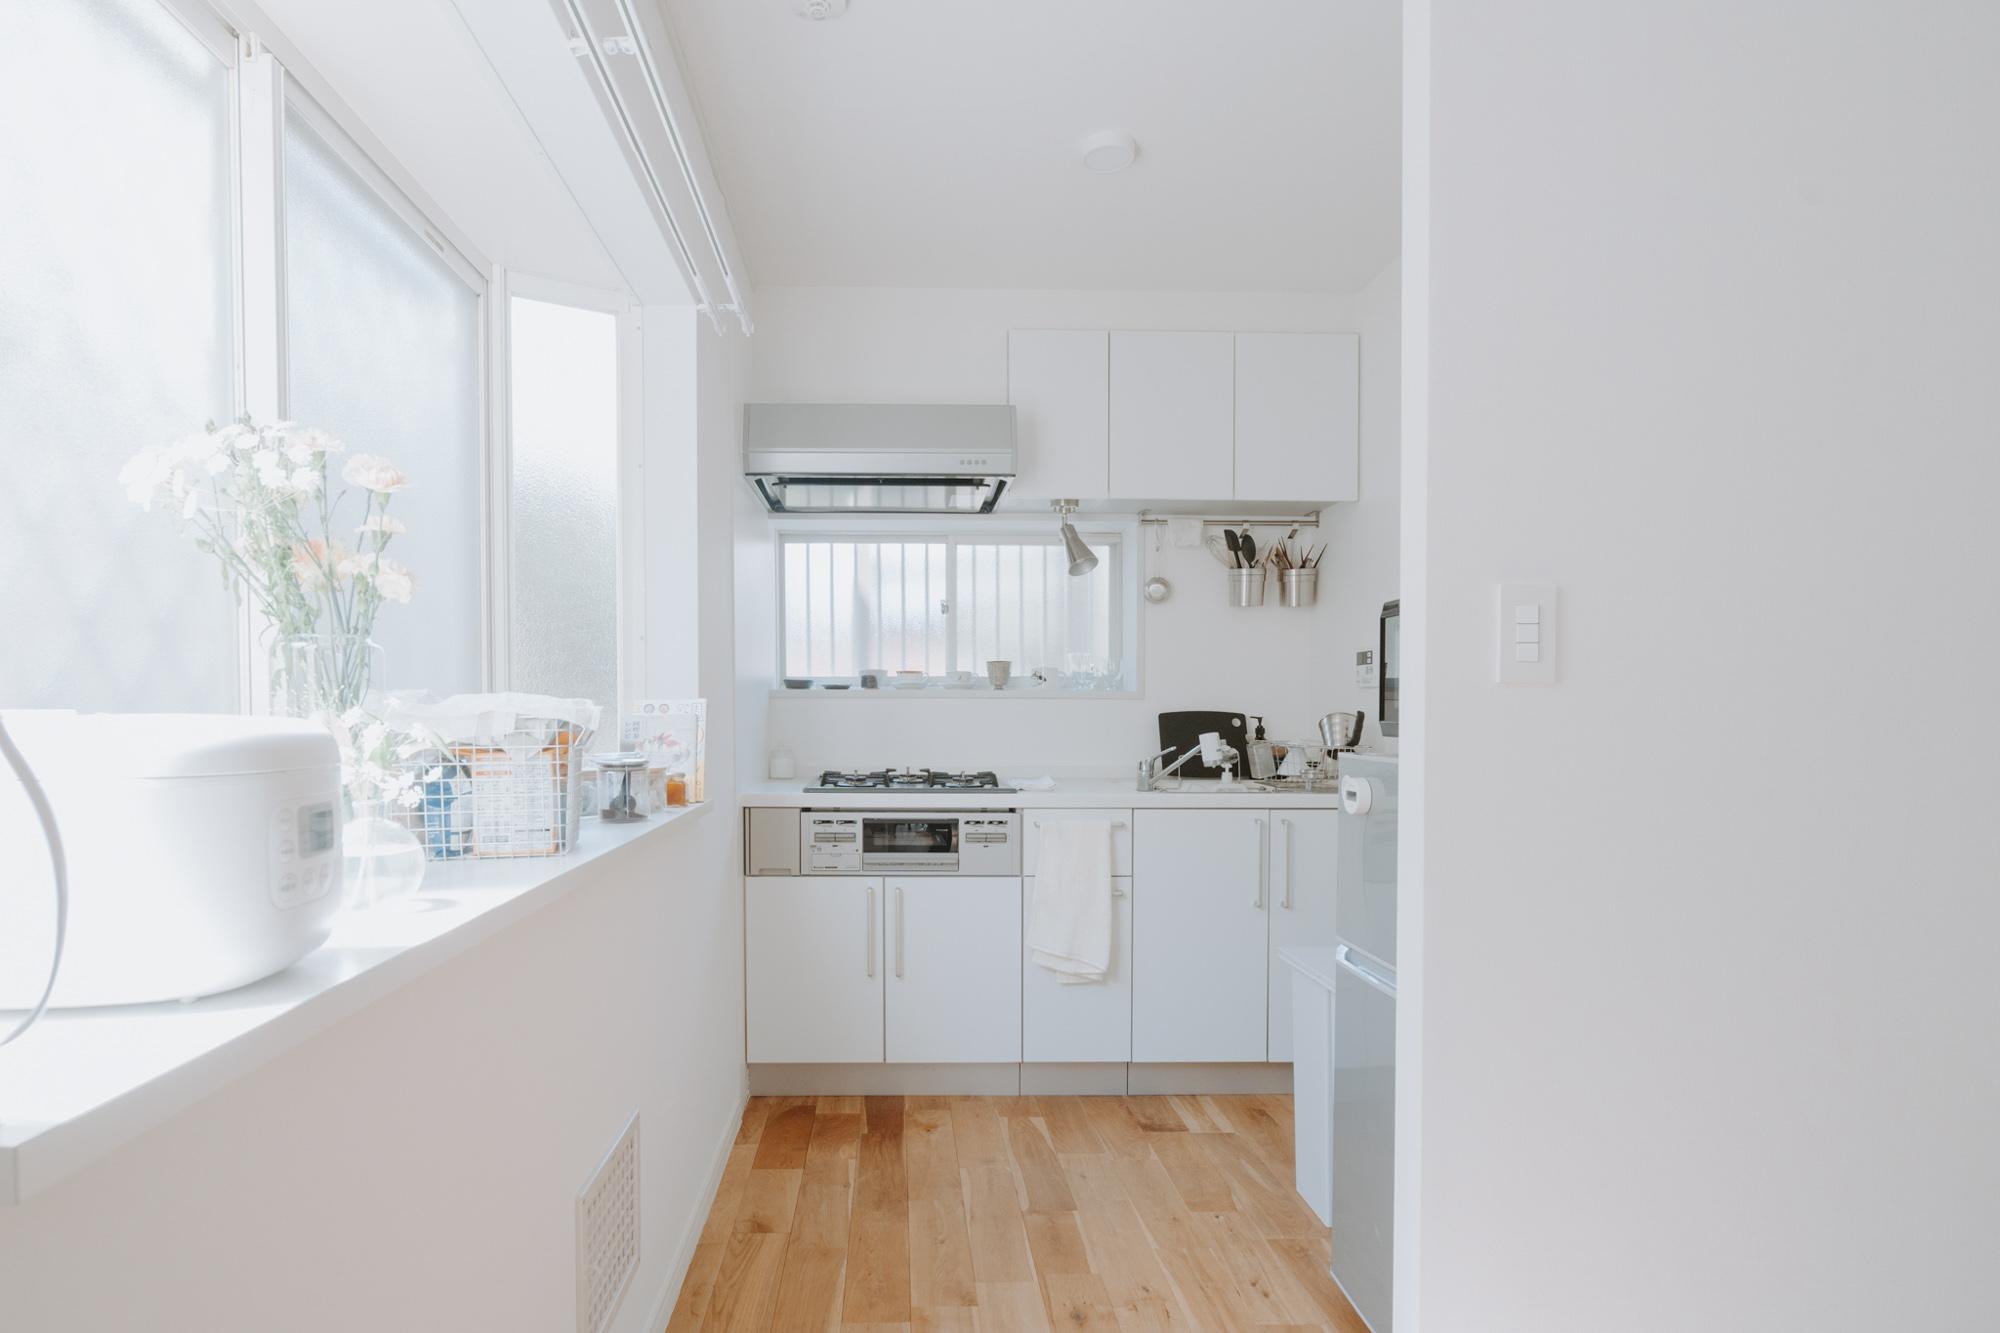 窓があって明るいキッチン、ここに引っ越してから自炊もよくするようになったそう。